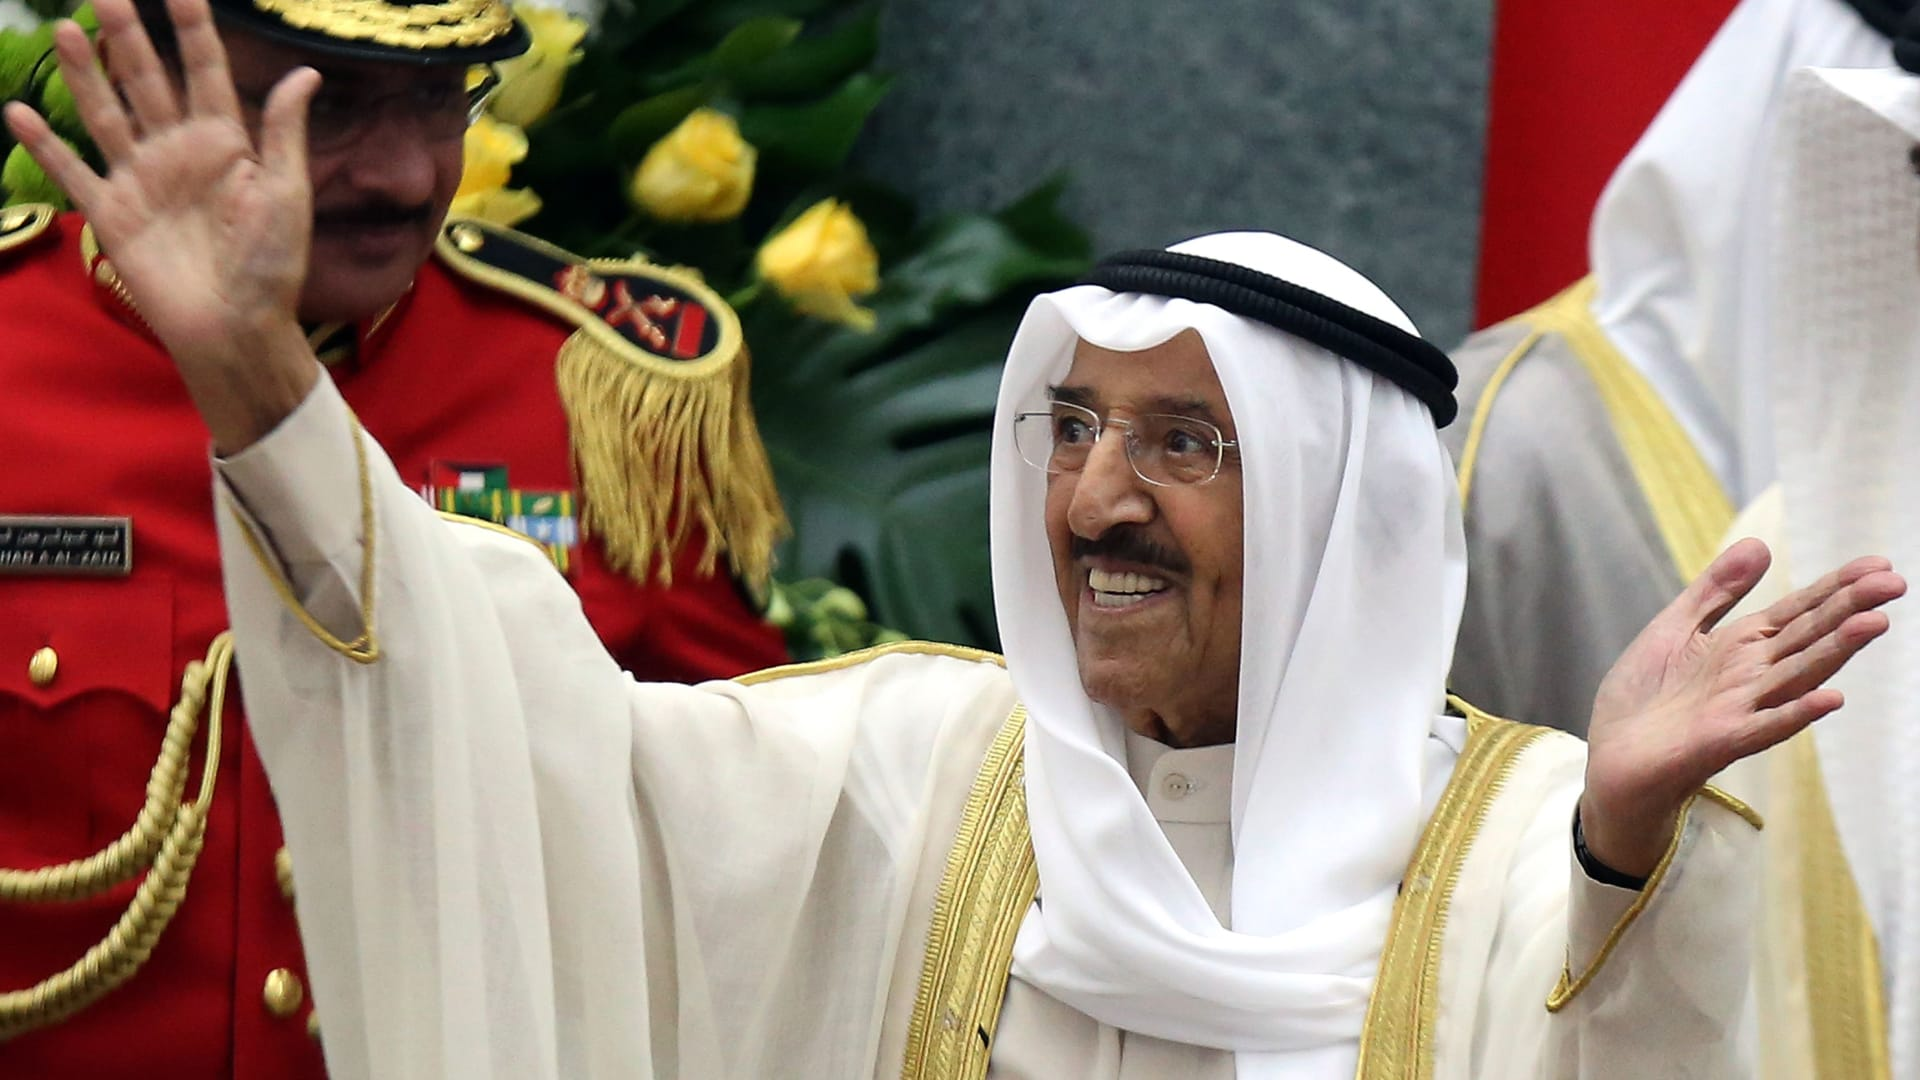 بعد دخول أمير الكويت إلى المستشفى.. تفويض ولي العهد بممارسة بعض اختصاصاته مؤقتا